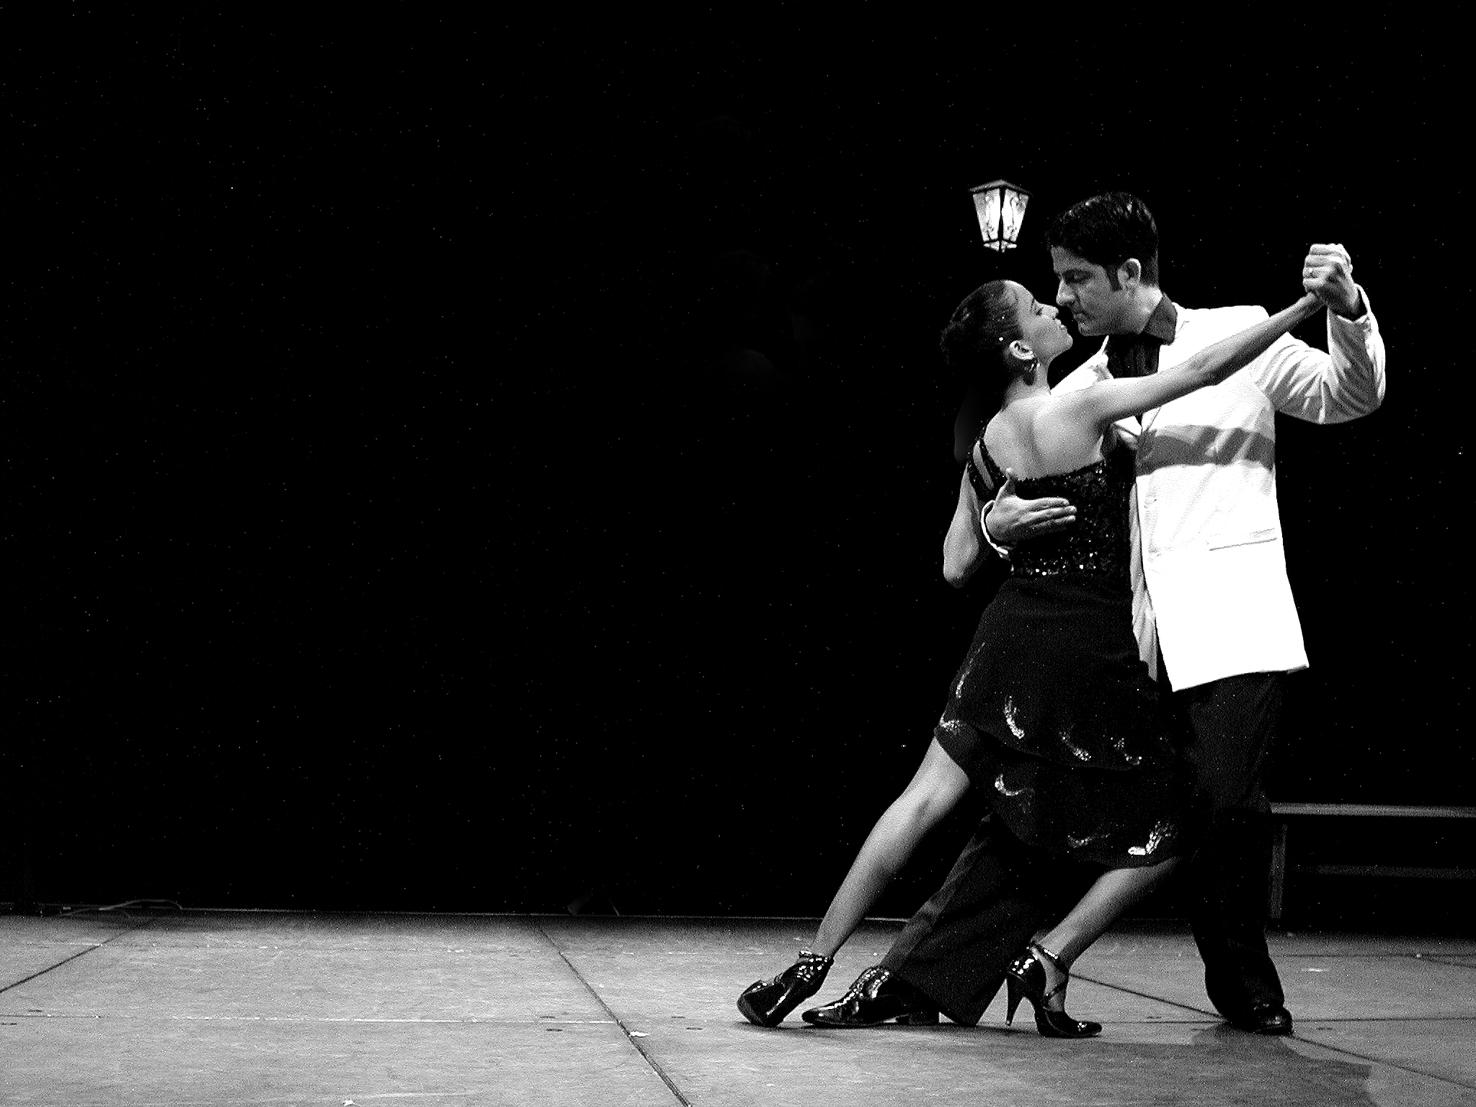 Il tango: arte che unisce danza, musica, poesia, amore e passione tra due persone